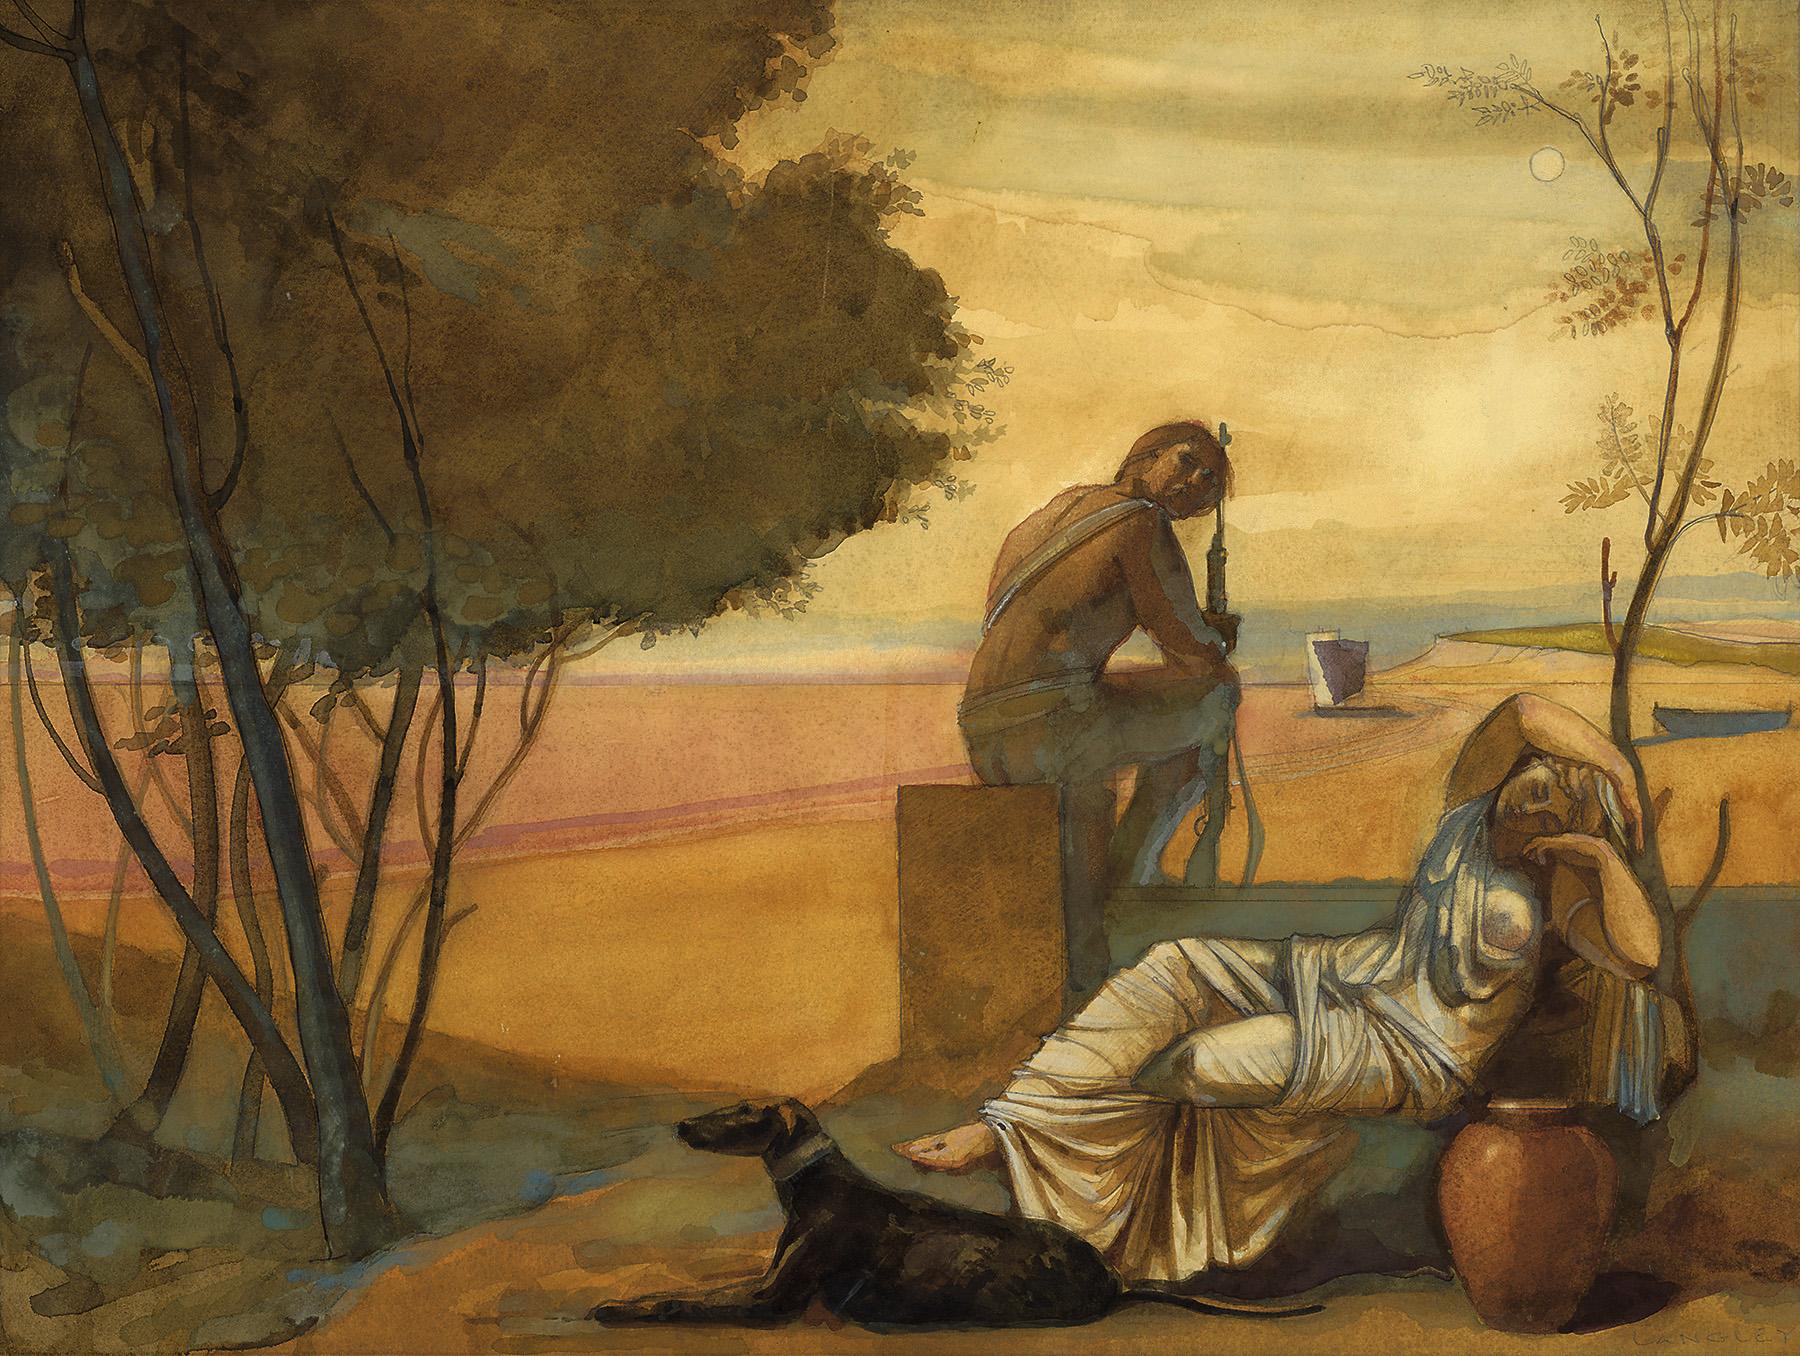 Ariadne and Theseus  on Naxos.jpg